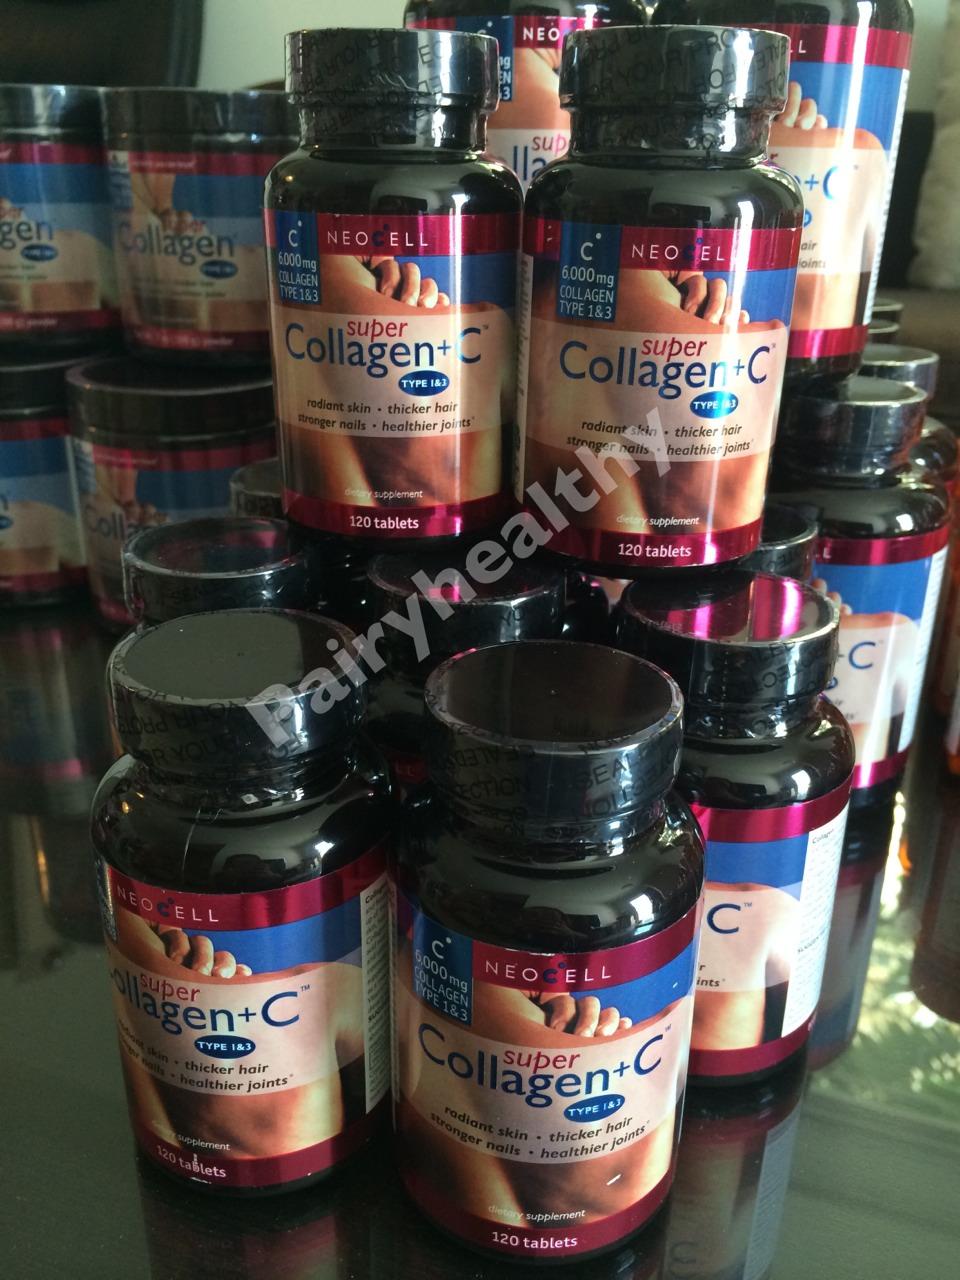 NeoCell Super Collagen 6000mg 1กระปุก บรรจุ 120 เม็ด ส่งฟรี ลทบ.